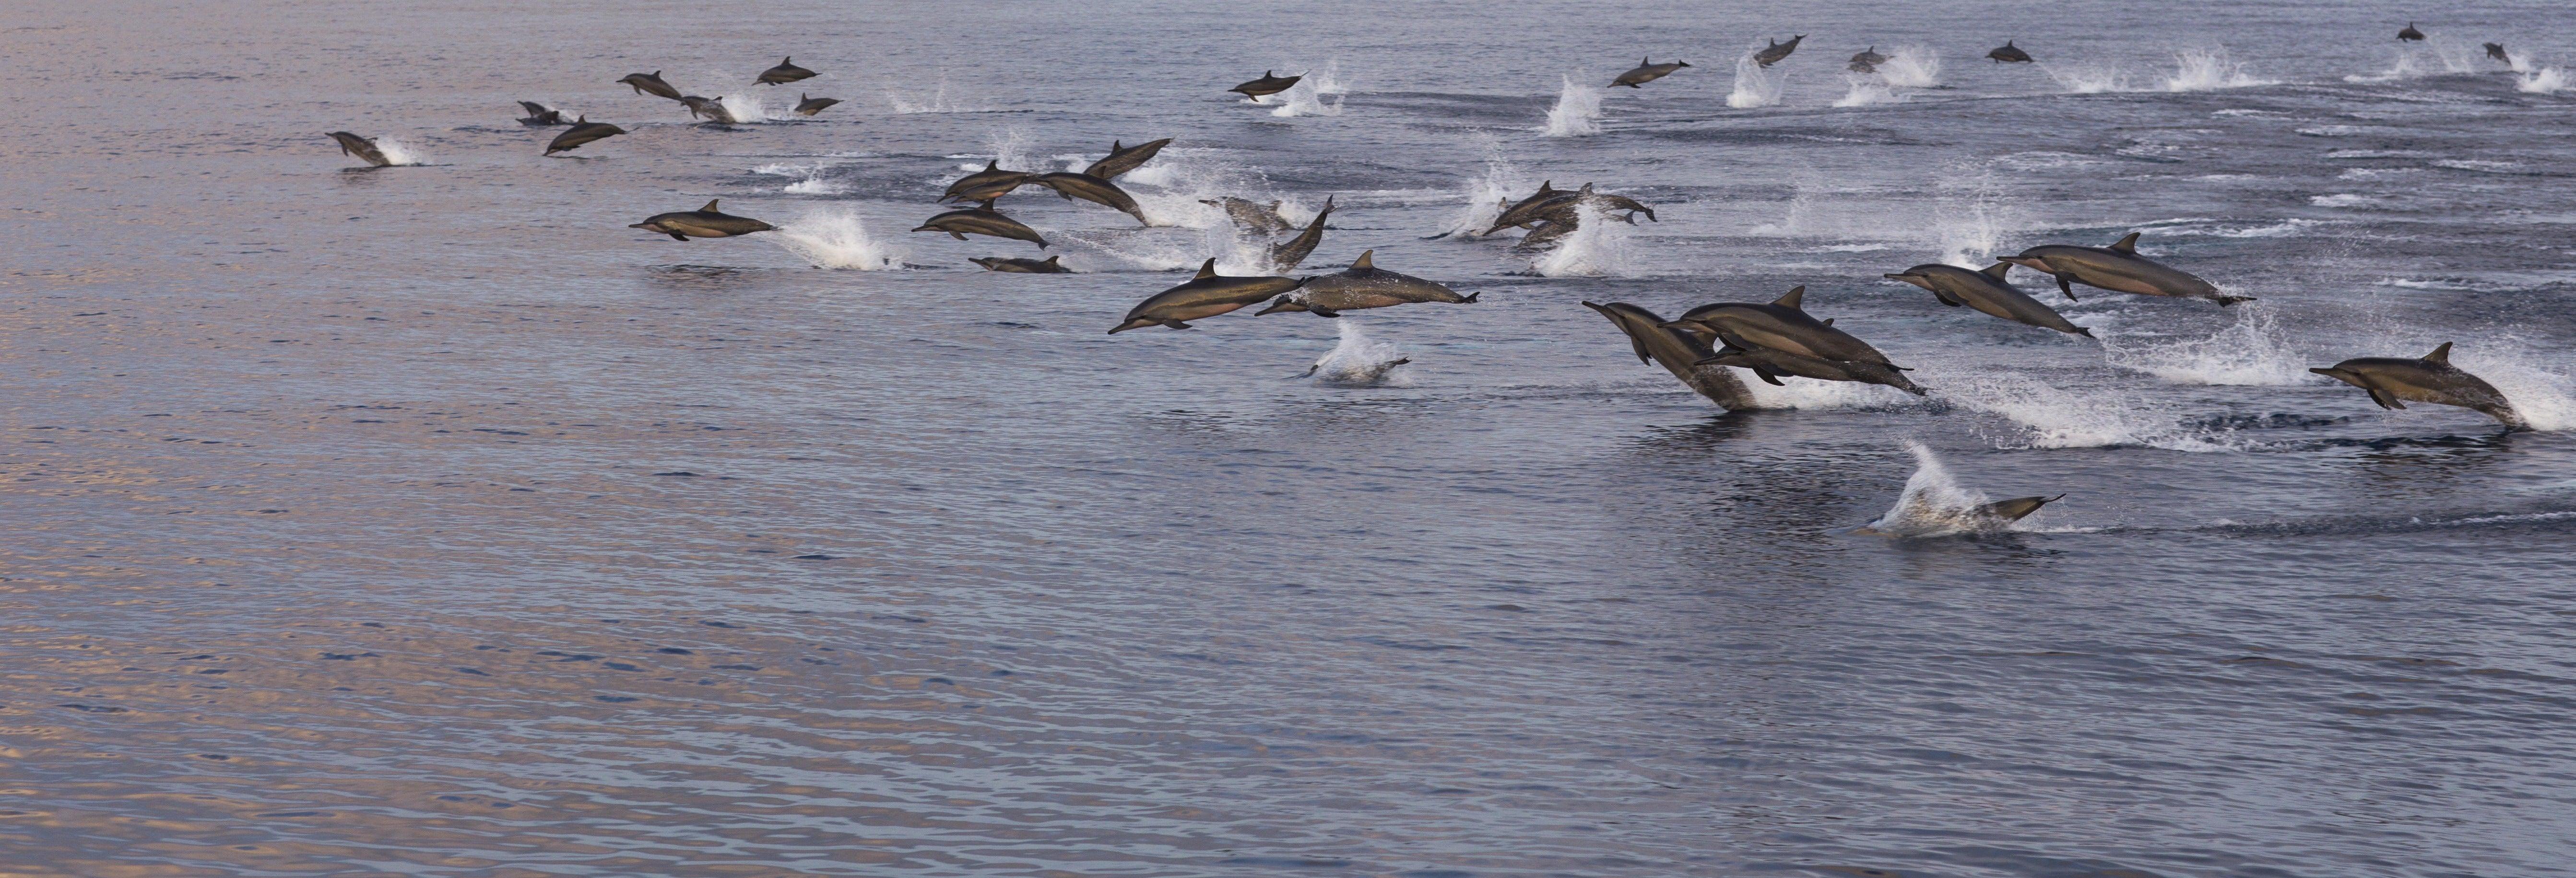 Avvistamento di delfini a Malé